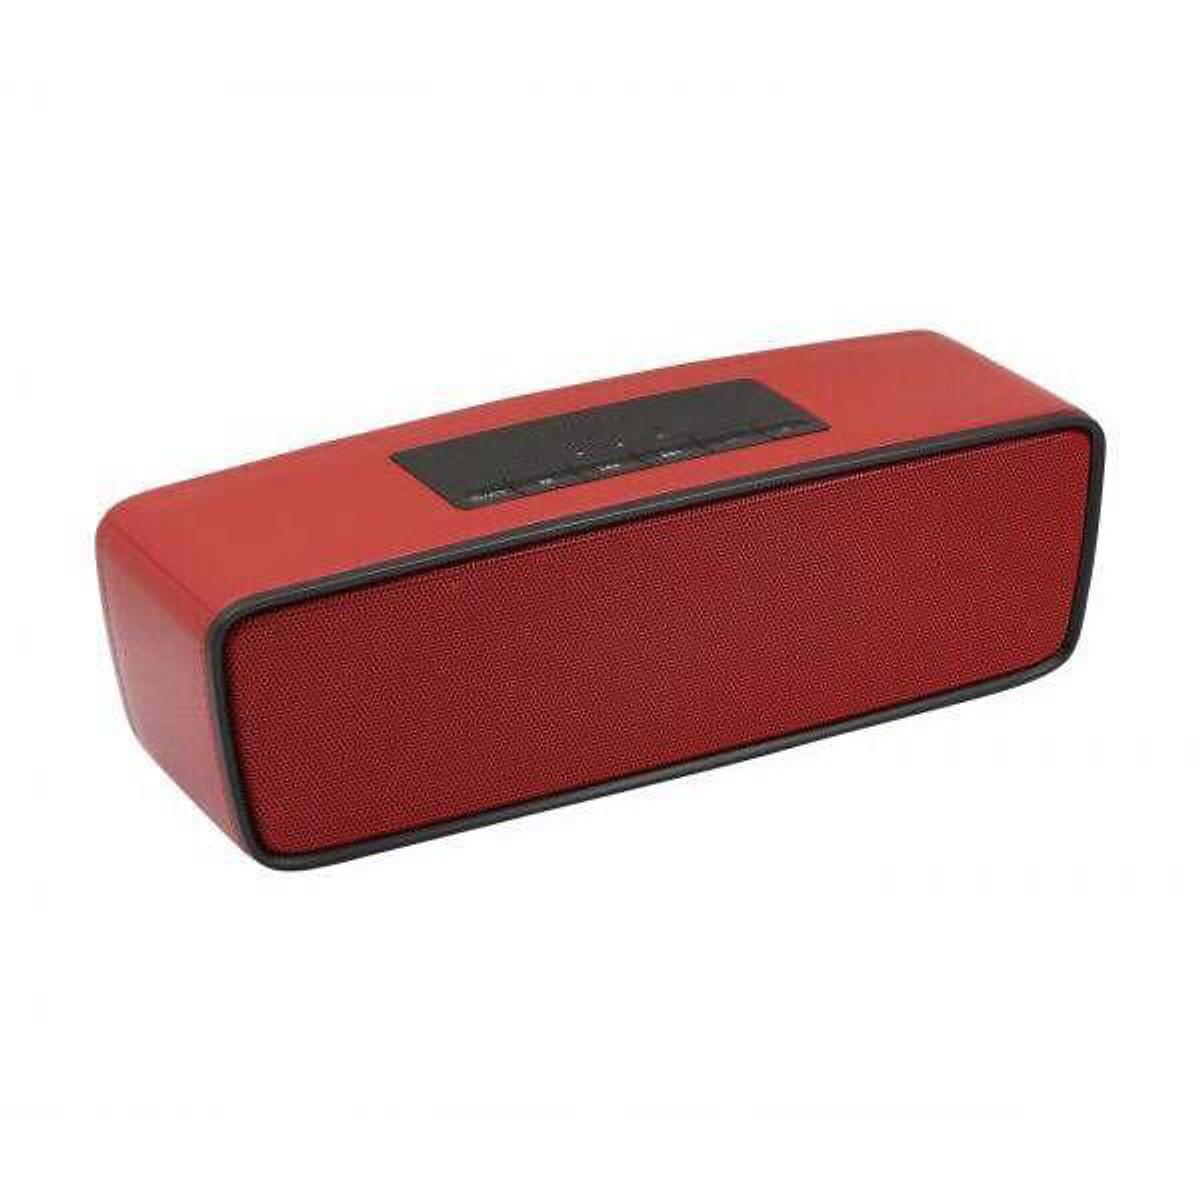 Loa Bluetooth kèm khe cắm thẻ nhớ và USB S2025 (Tặng USB 4Gb) - Màu Ngẫu Nhiên